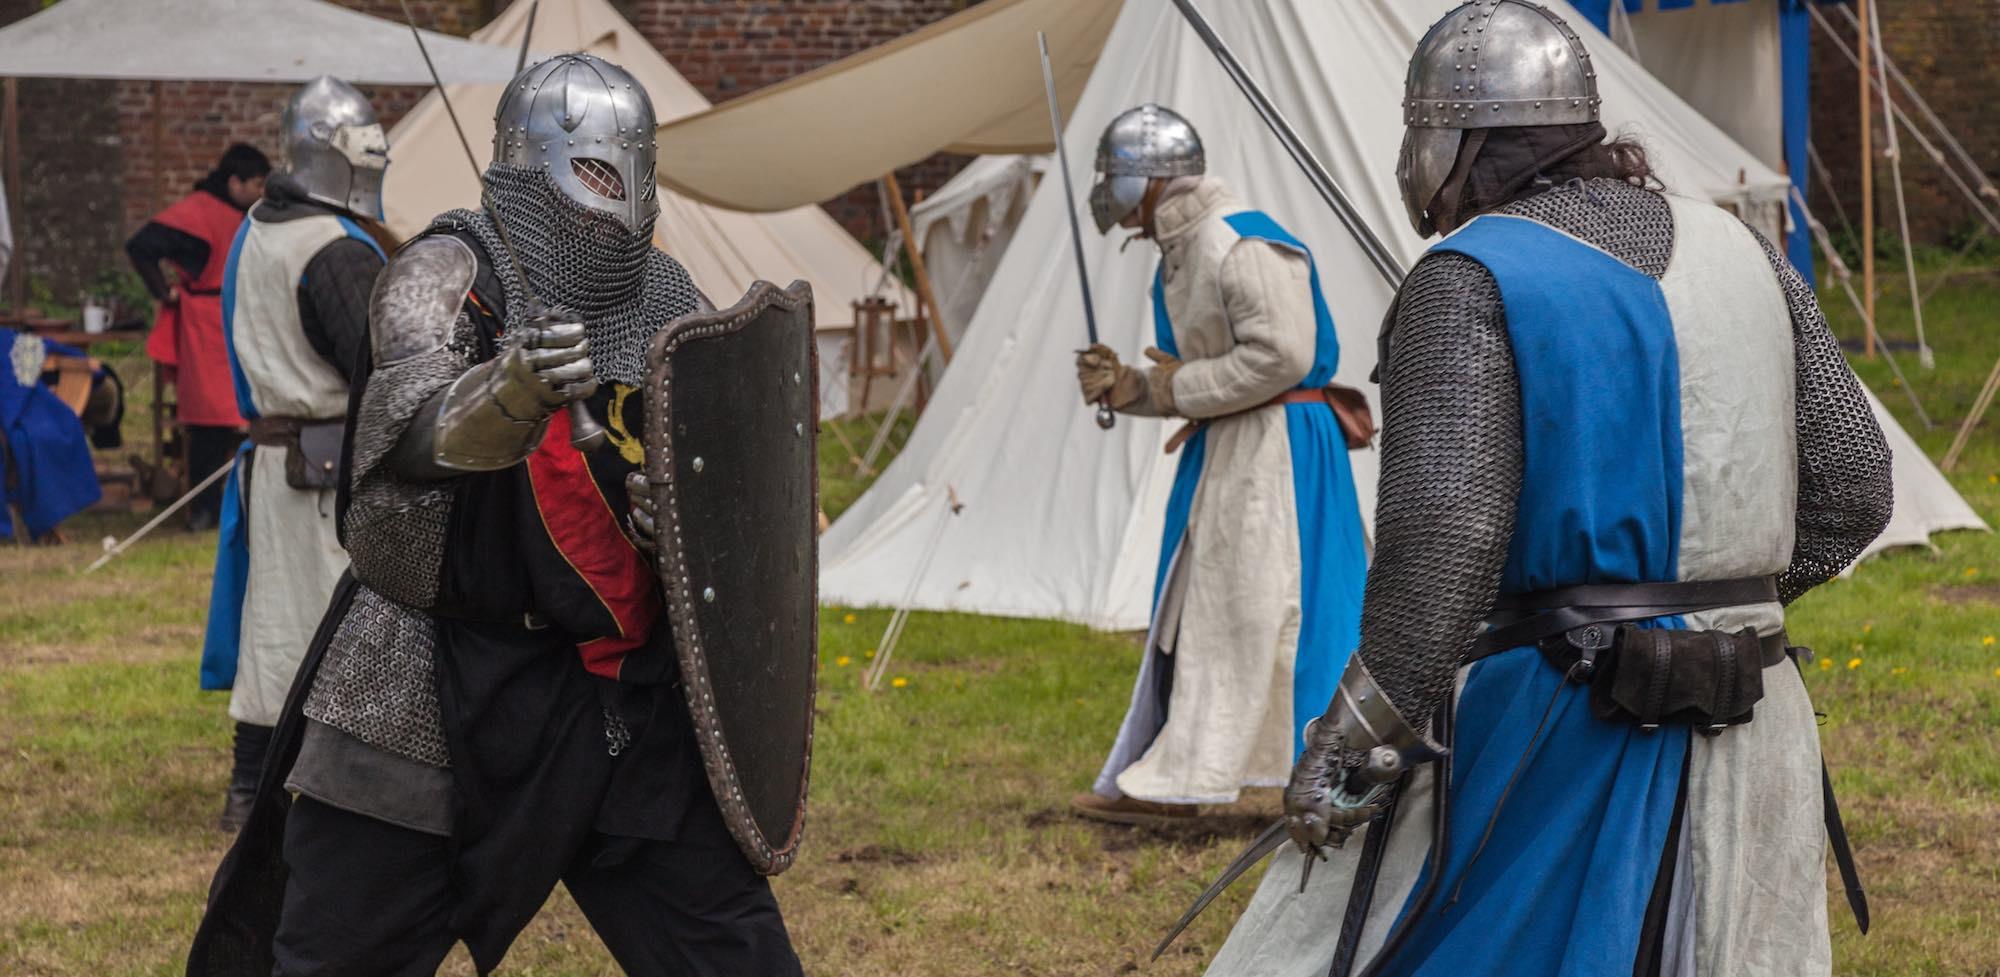 Wer waren die besten Kämpfer und Krieger?